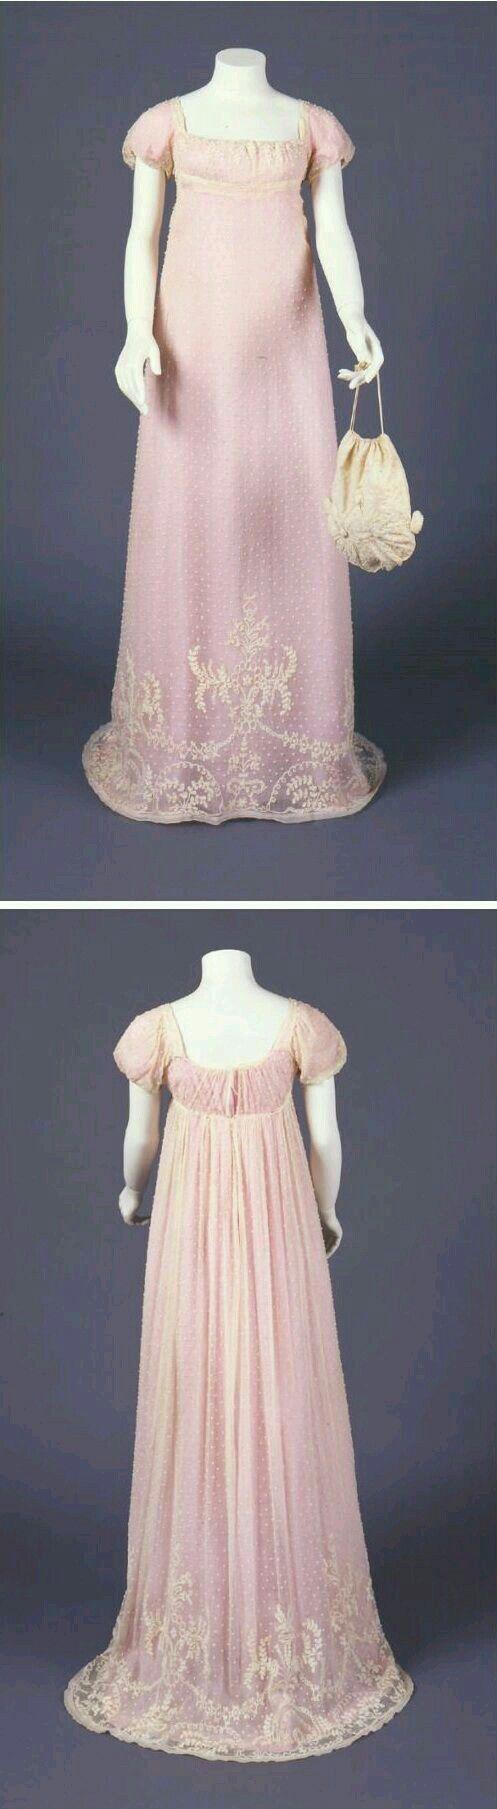 Regency gown and reticule